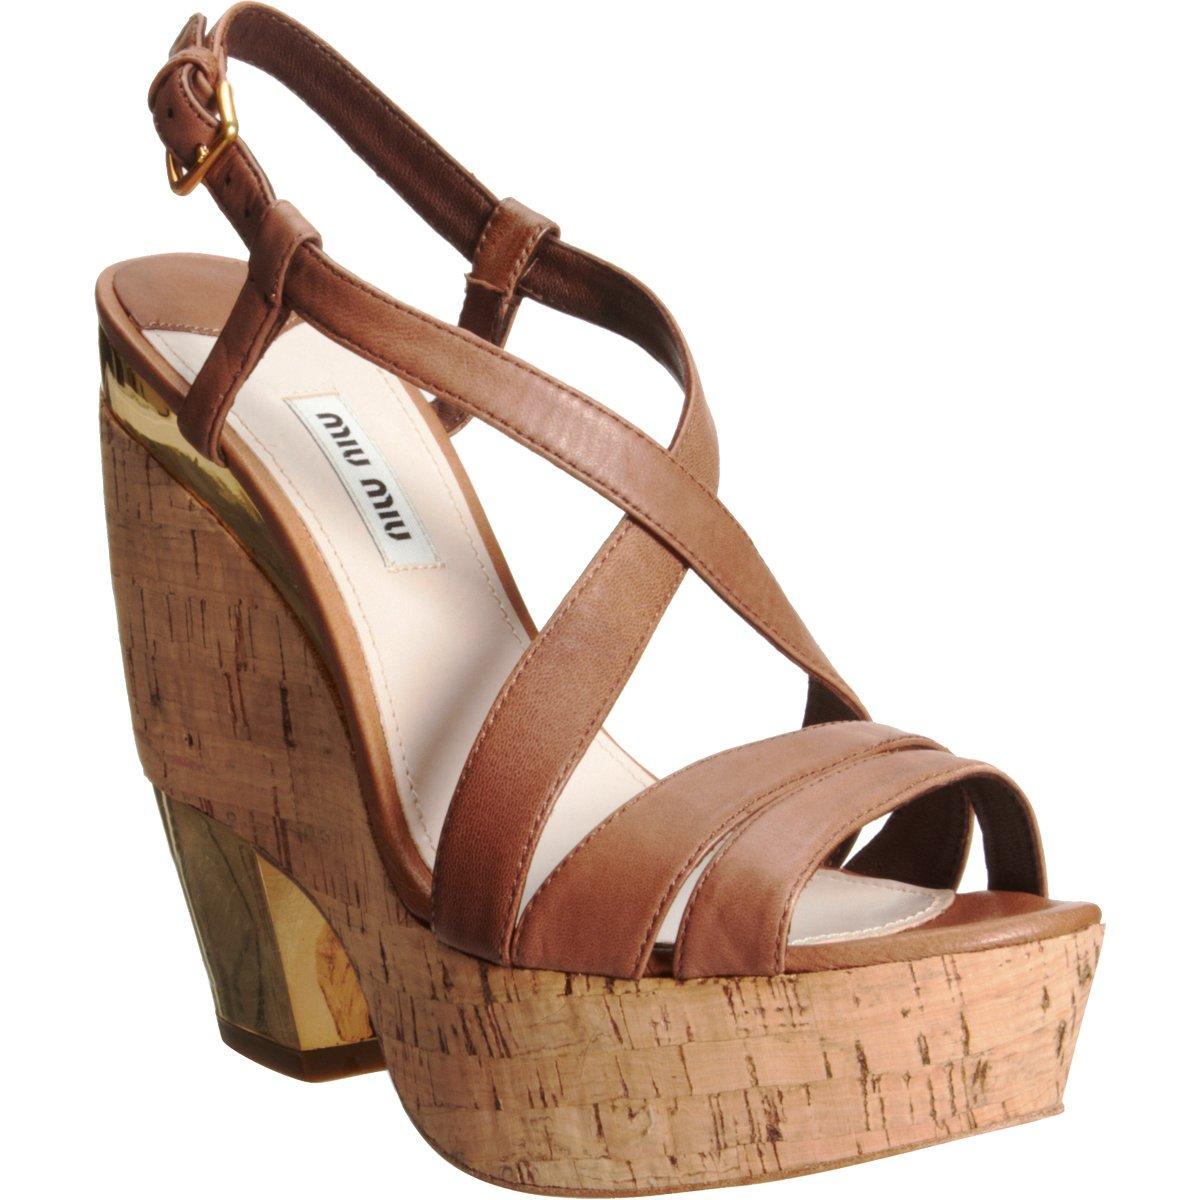 Miu Miu Cutout Wedge Sandals best seller online LOos2